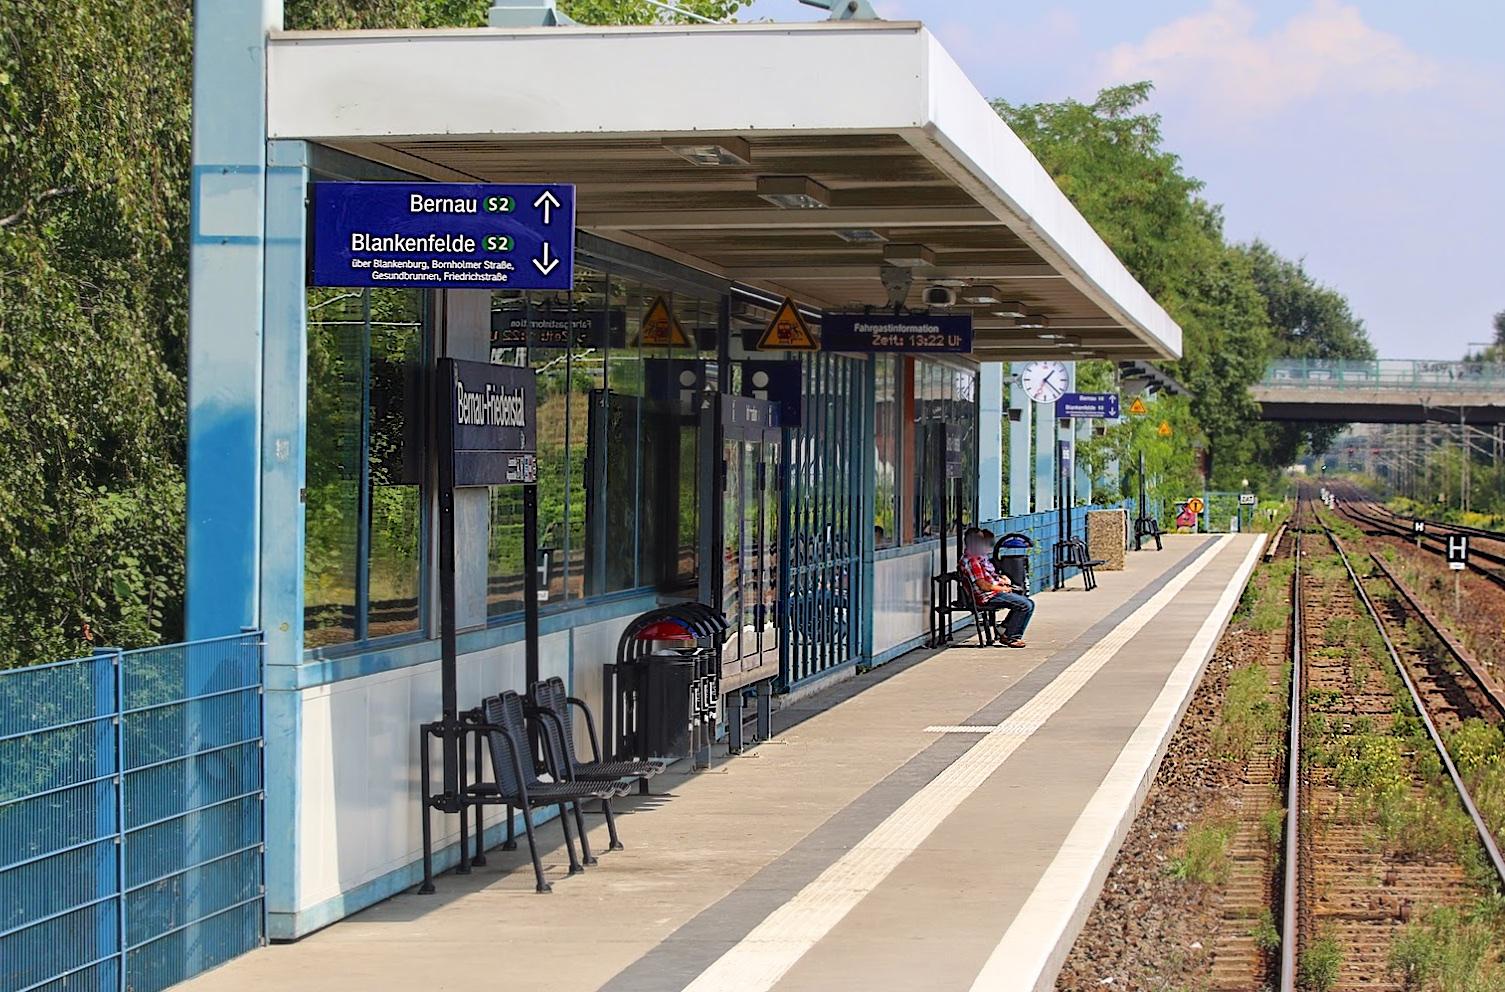 Auf Grund eines Polizeieinsatzes zwischen Bernau-Friedenstal und Zepernickkommt zu Verspätungen. Zugausfälle sind möglich....